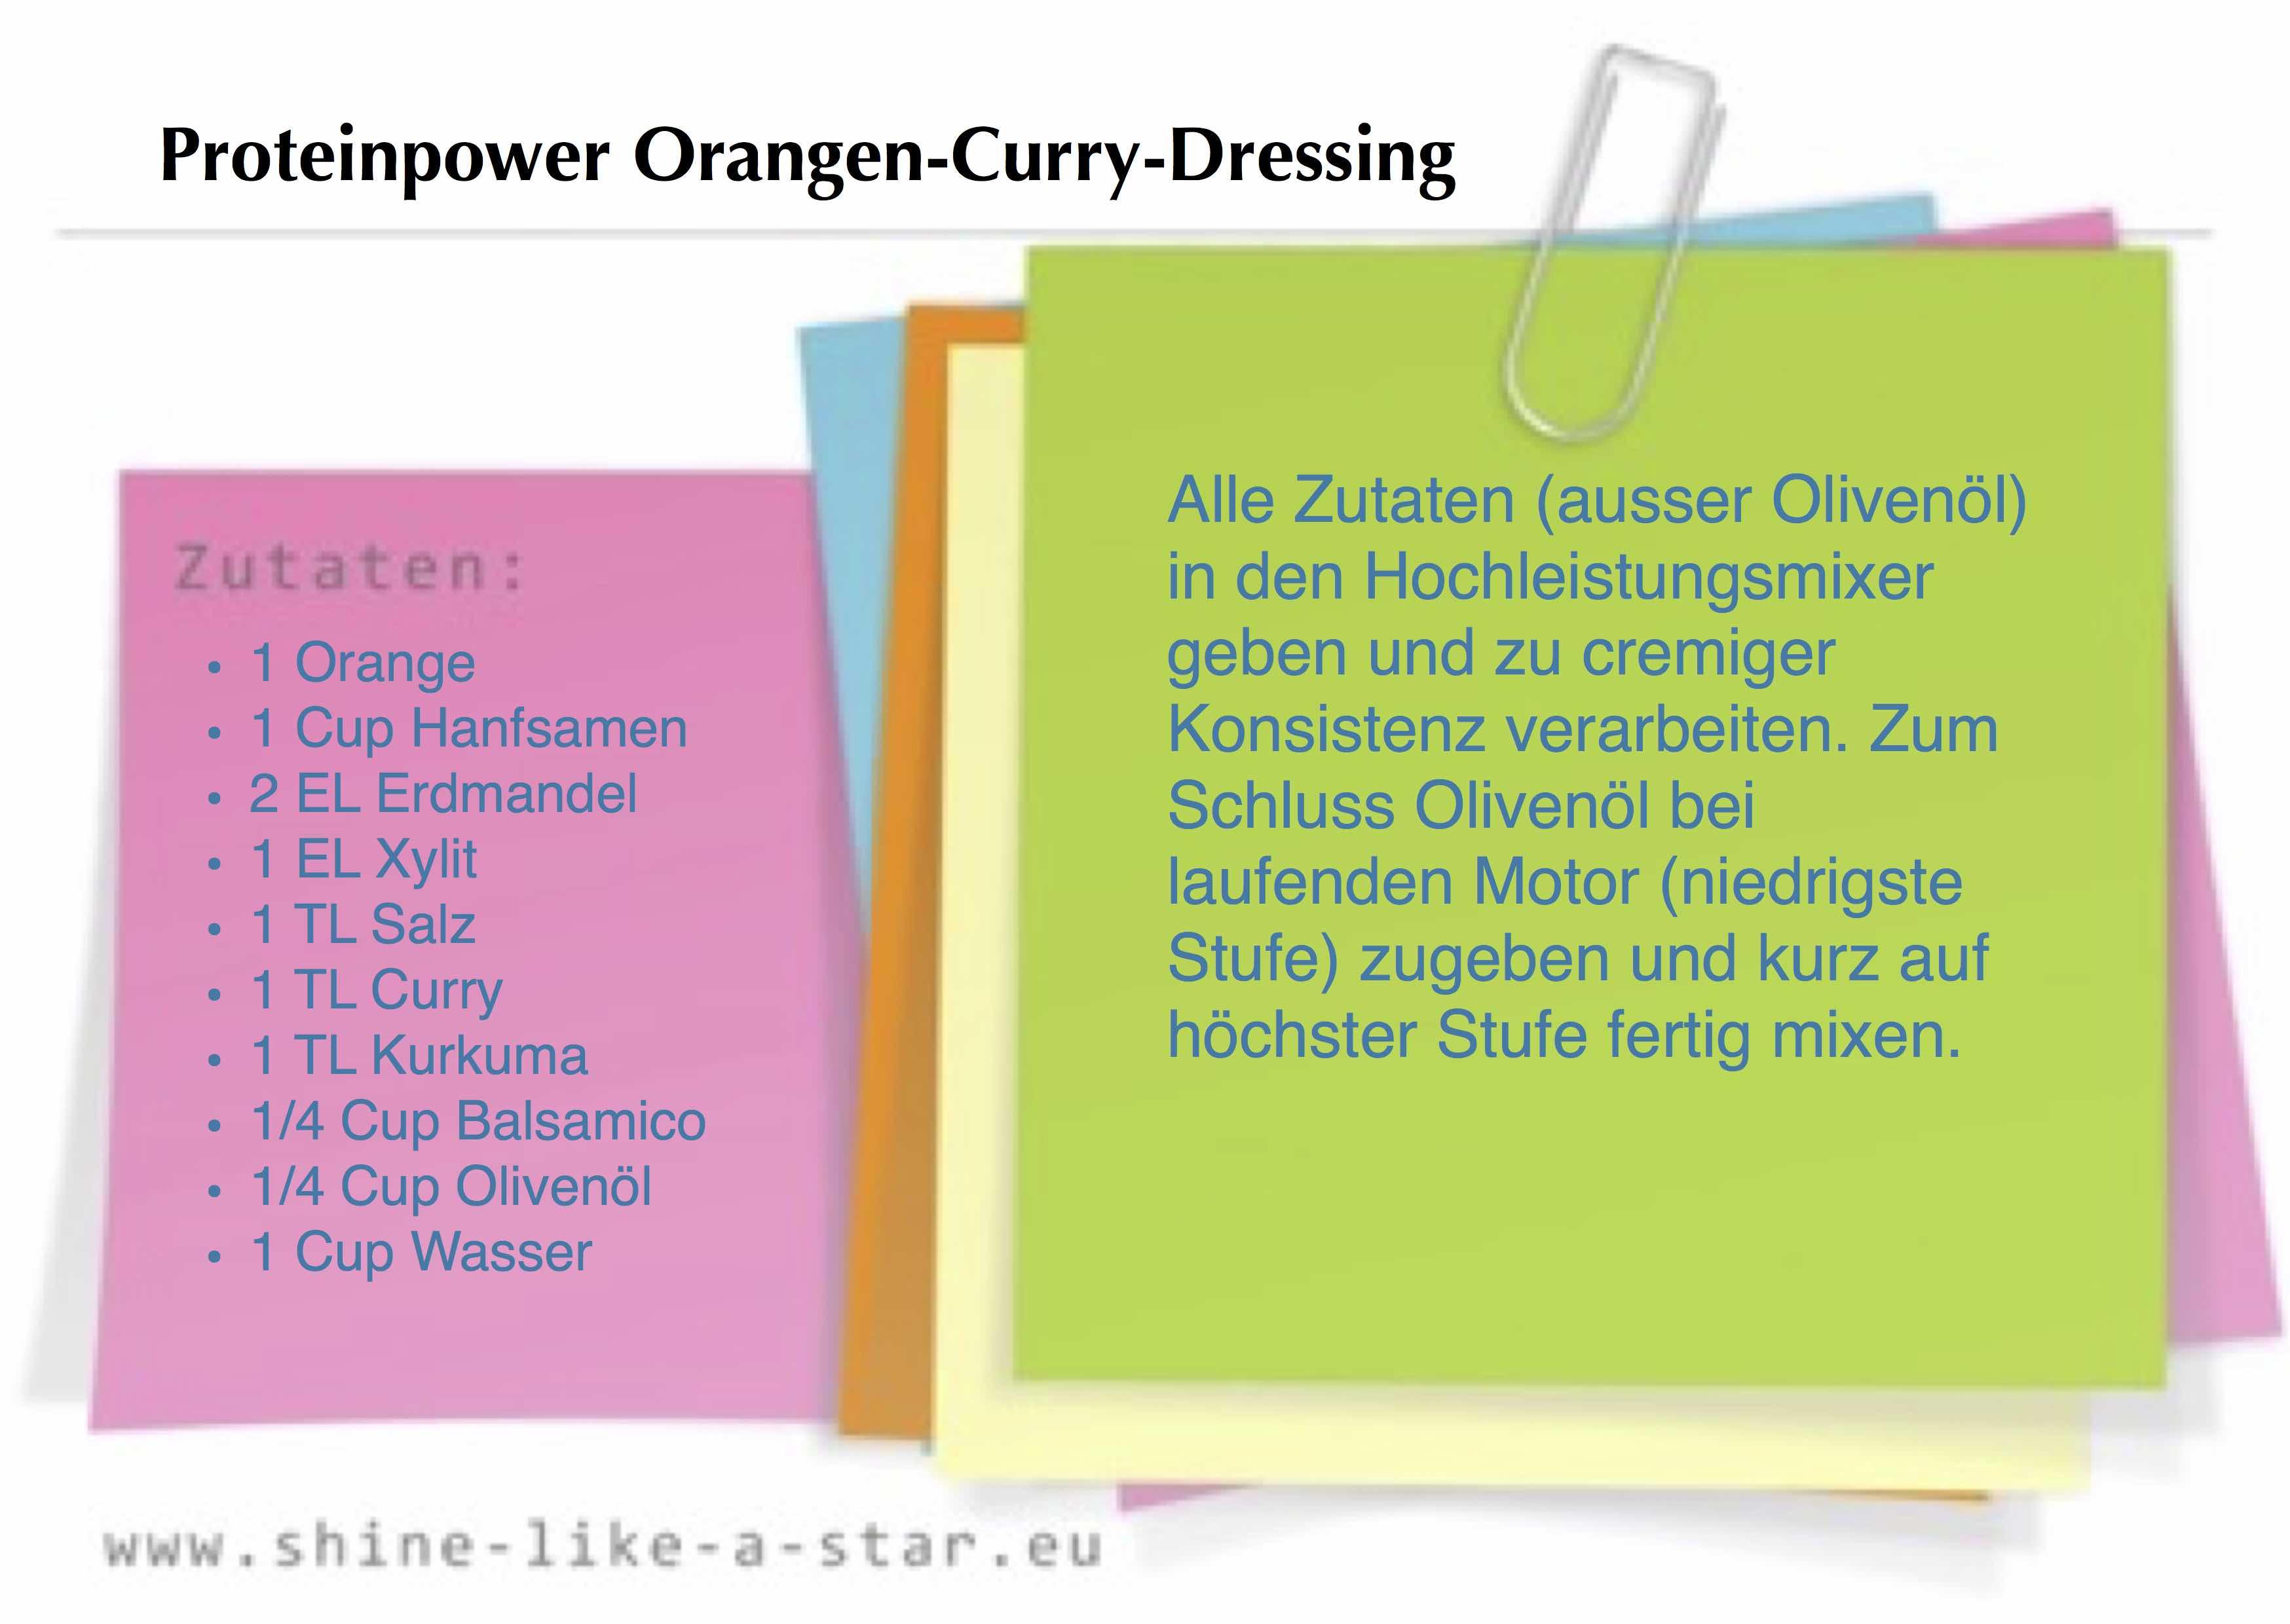 Proteinpower Orangen-Curry-Dressing